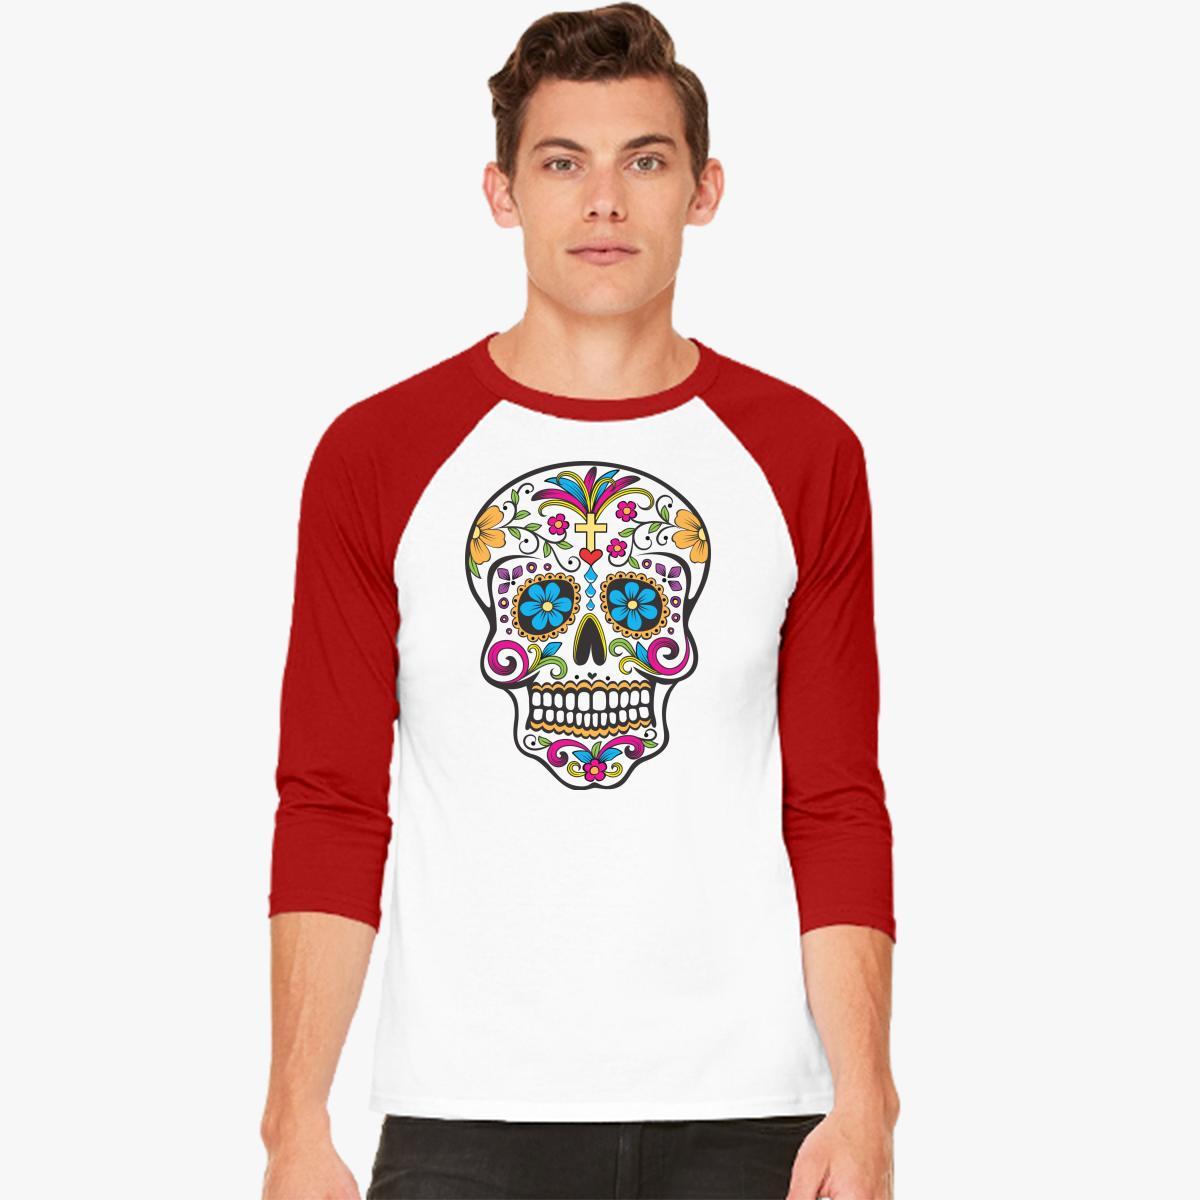 skull color flowers Baseball T-shirt   Customon.com